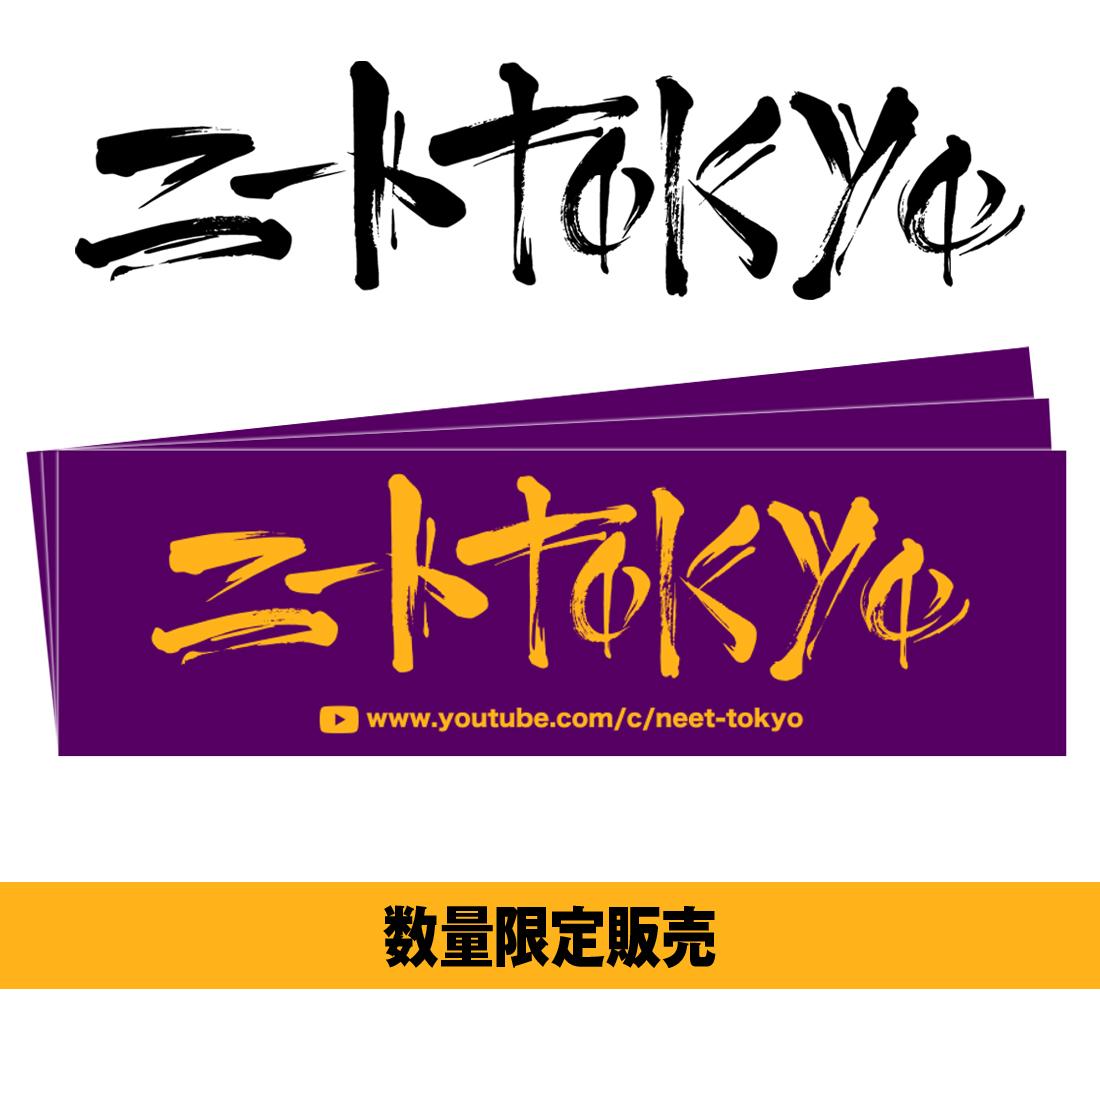 ニートtokyo レイカーズカラーステッカー(3枚1組)